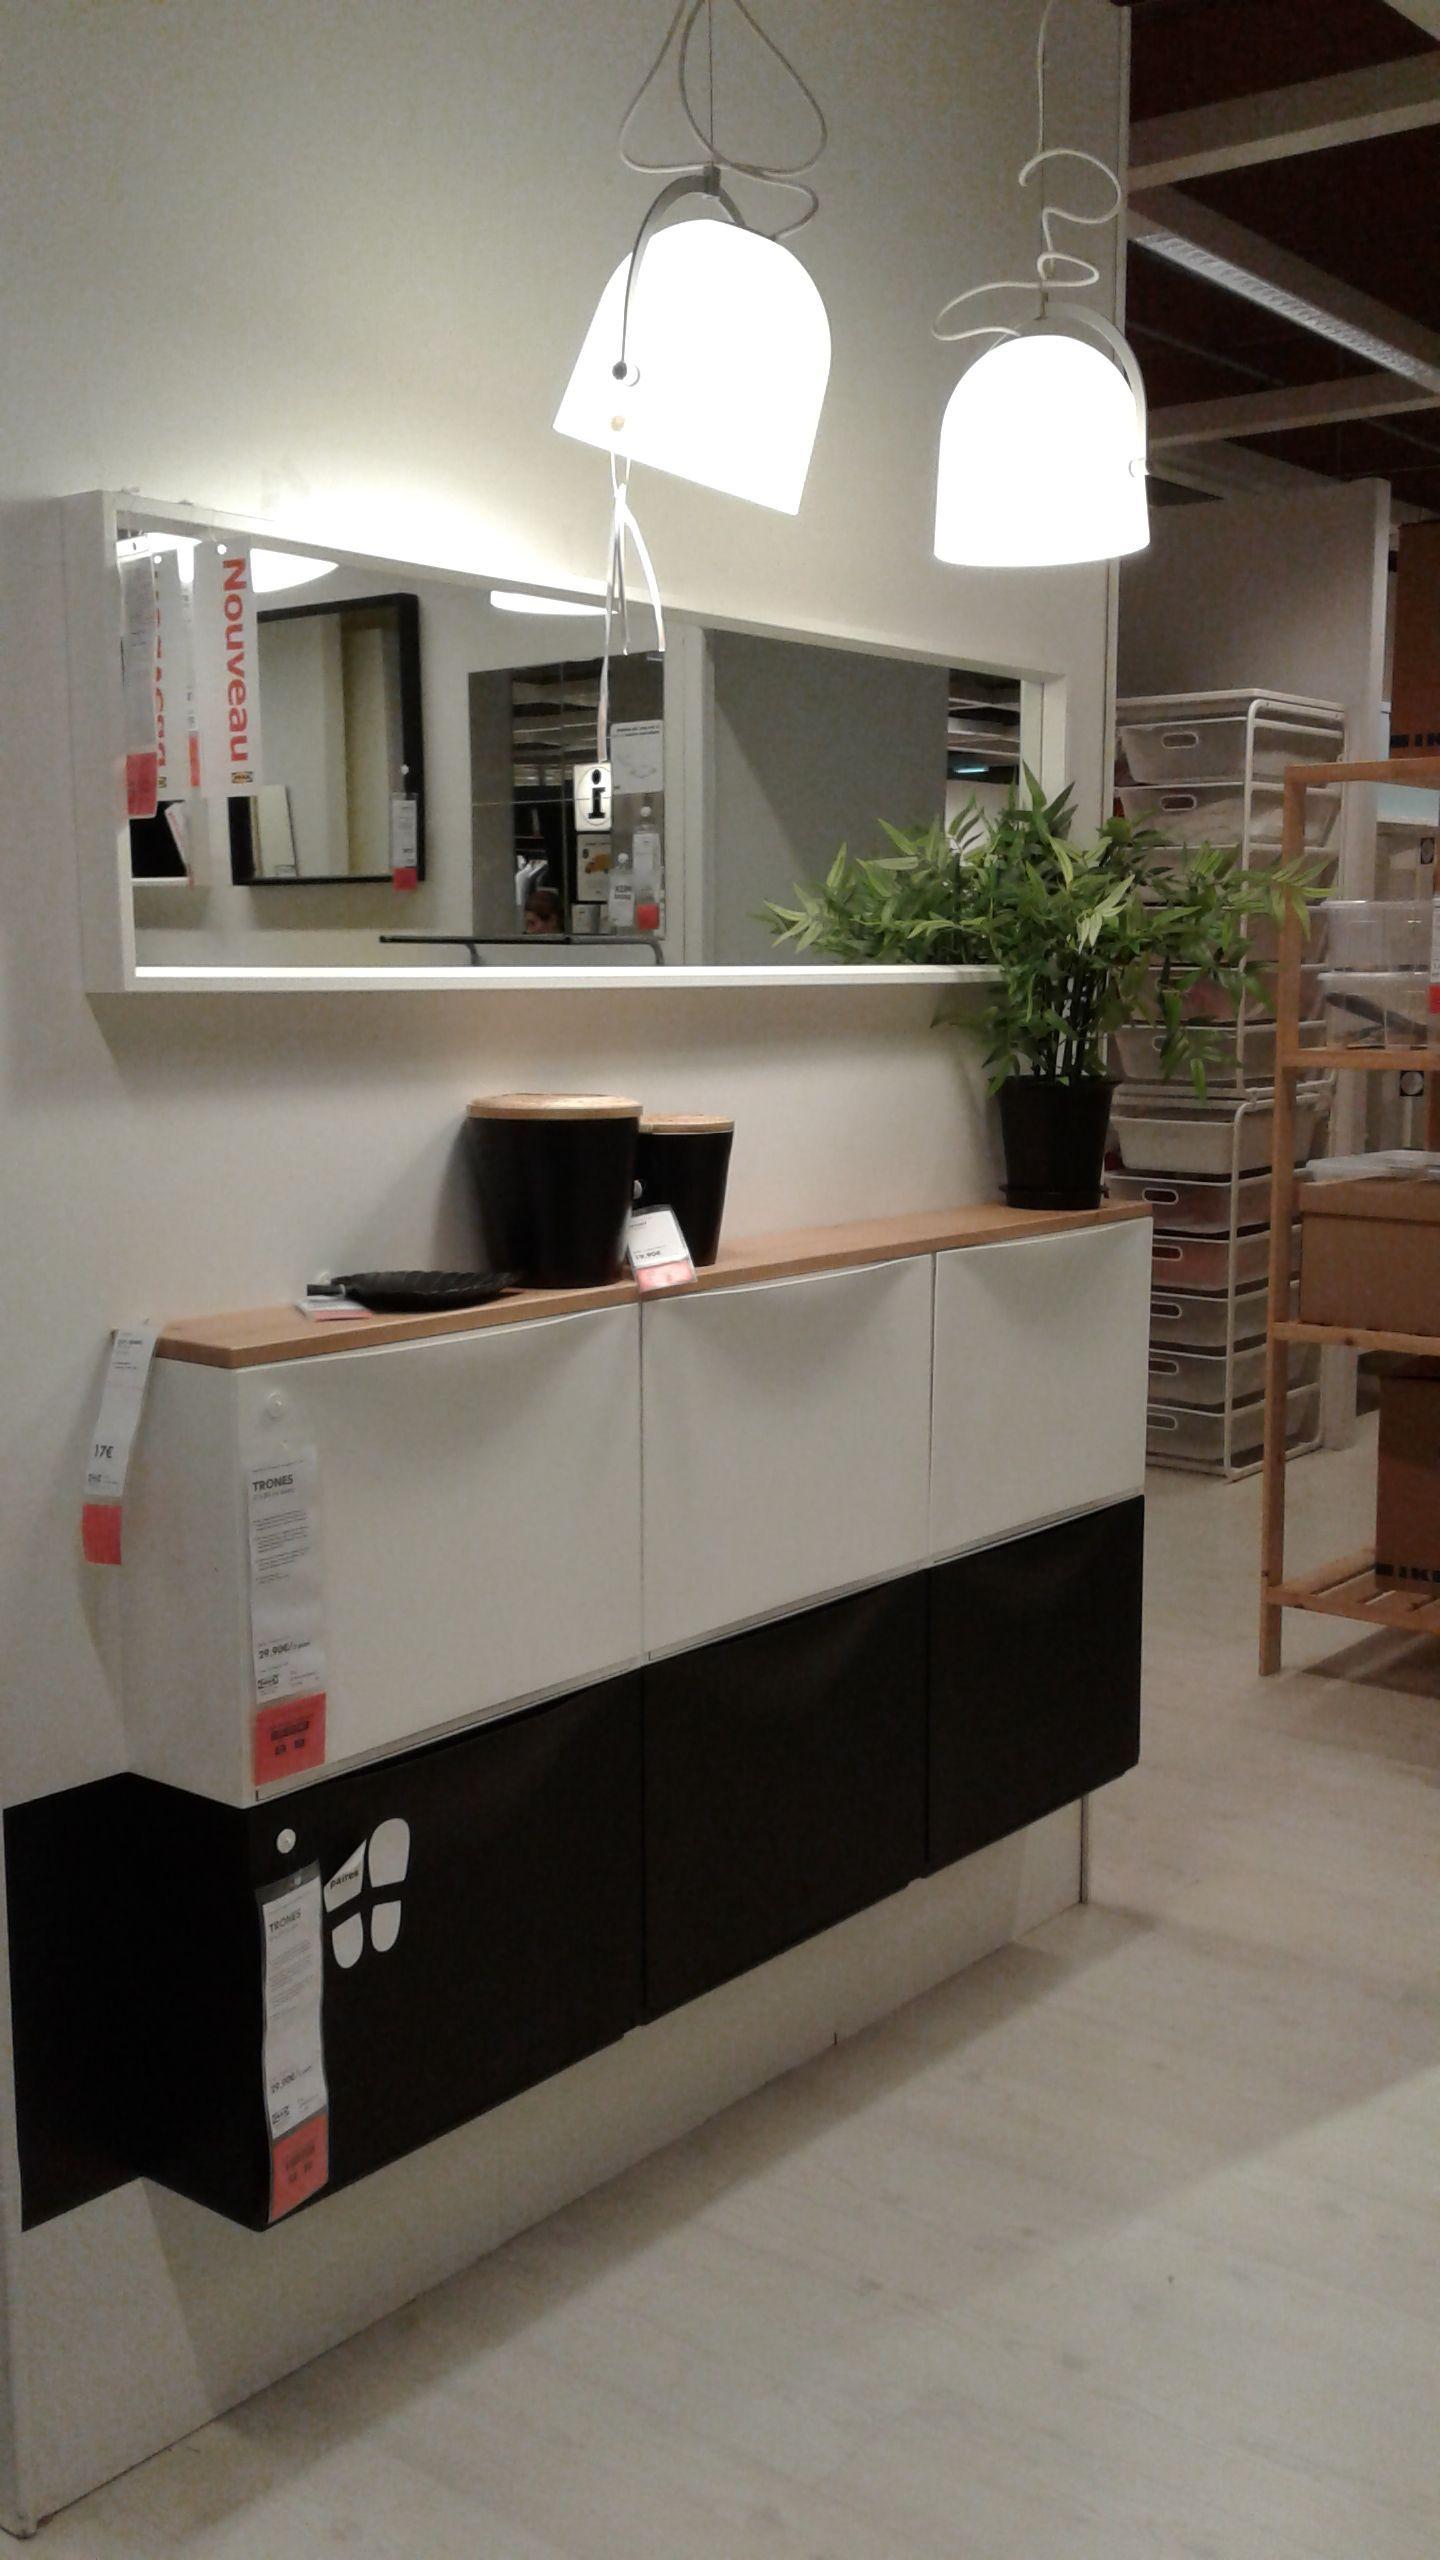 Ikea Trones 51x39cm Vendu Par 3 29 90 Tablette Brun Deco Entree Maison Rangement Entree Maison Meuble Entree